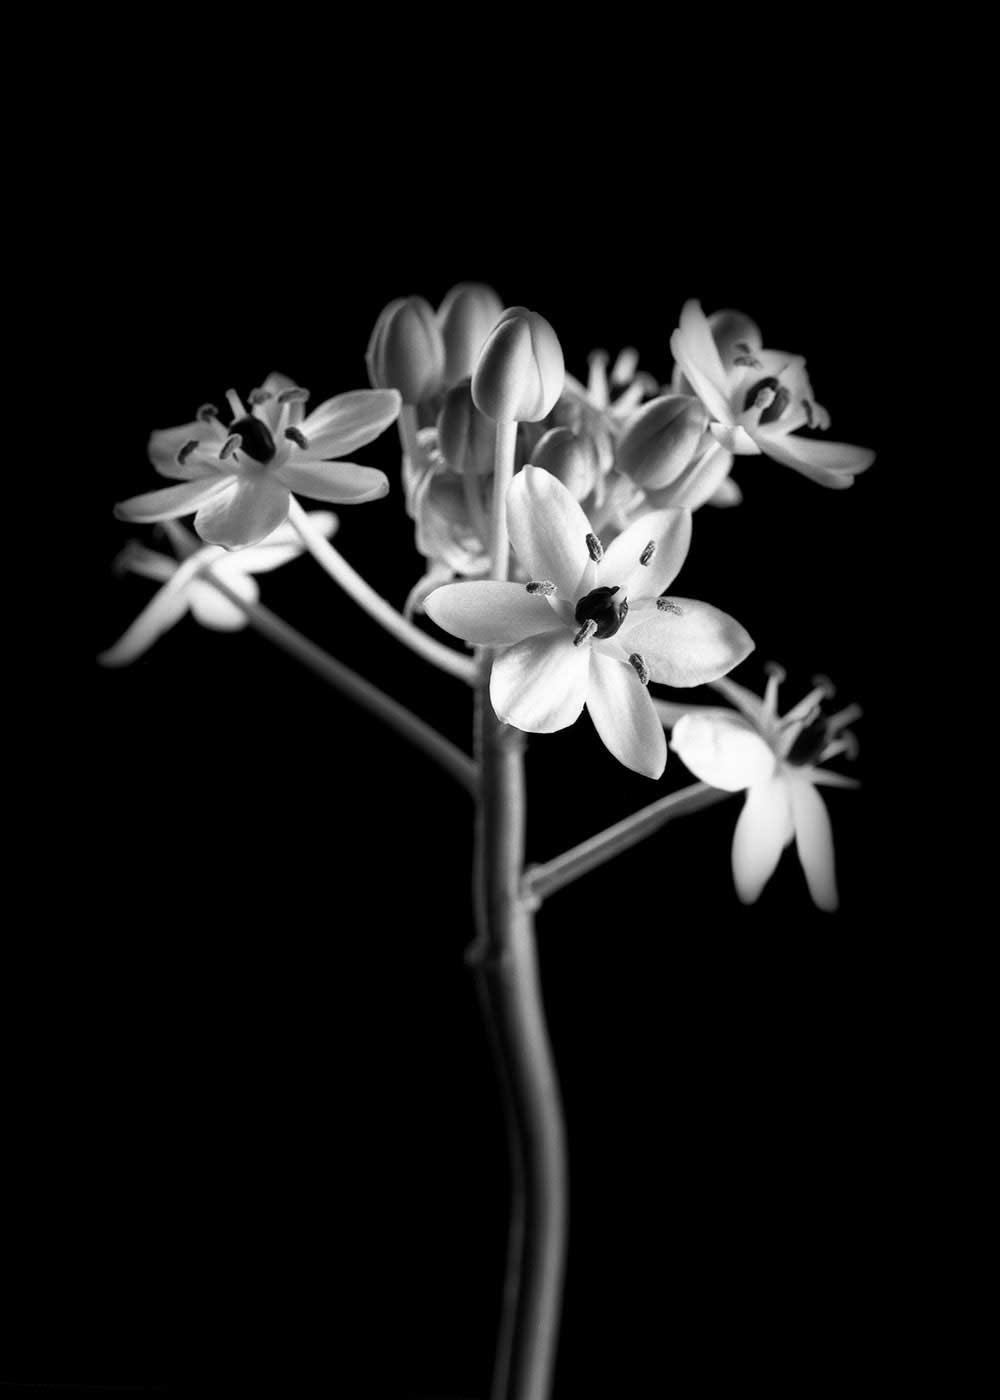 guillaume_dhubert_herbarium_010